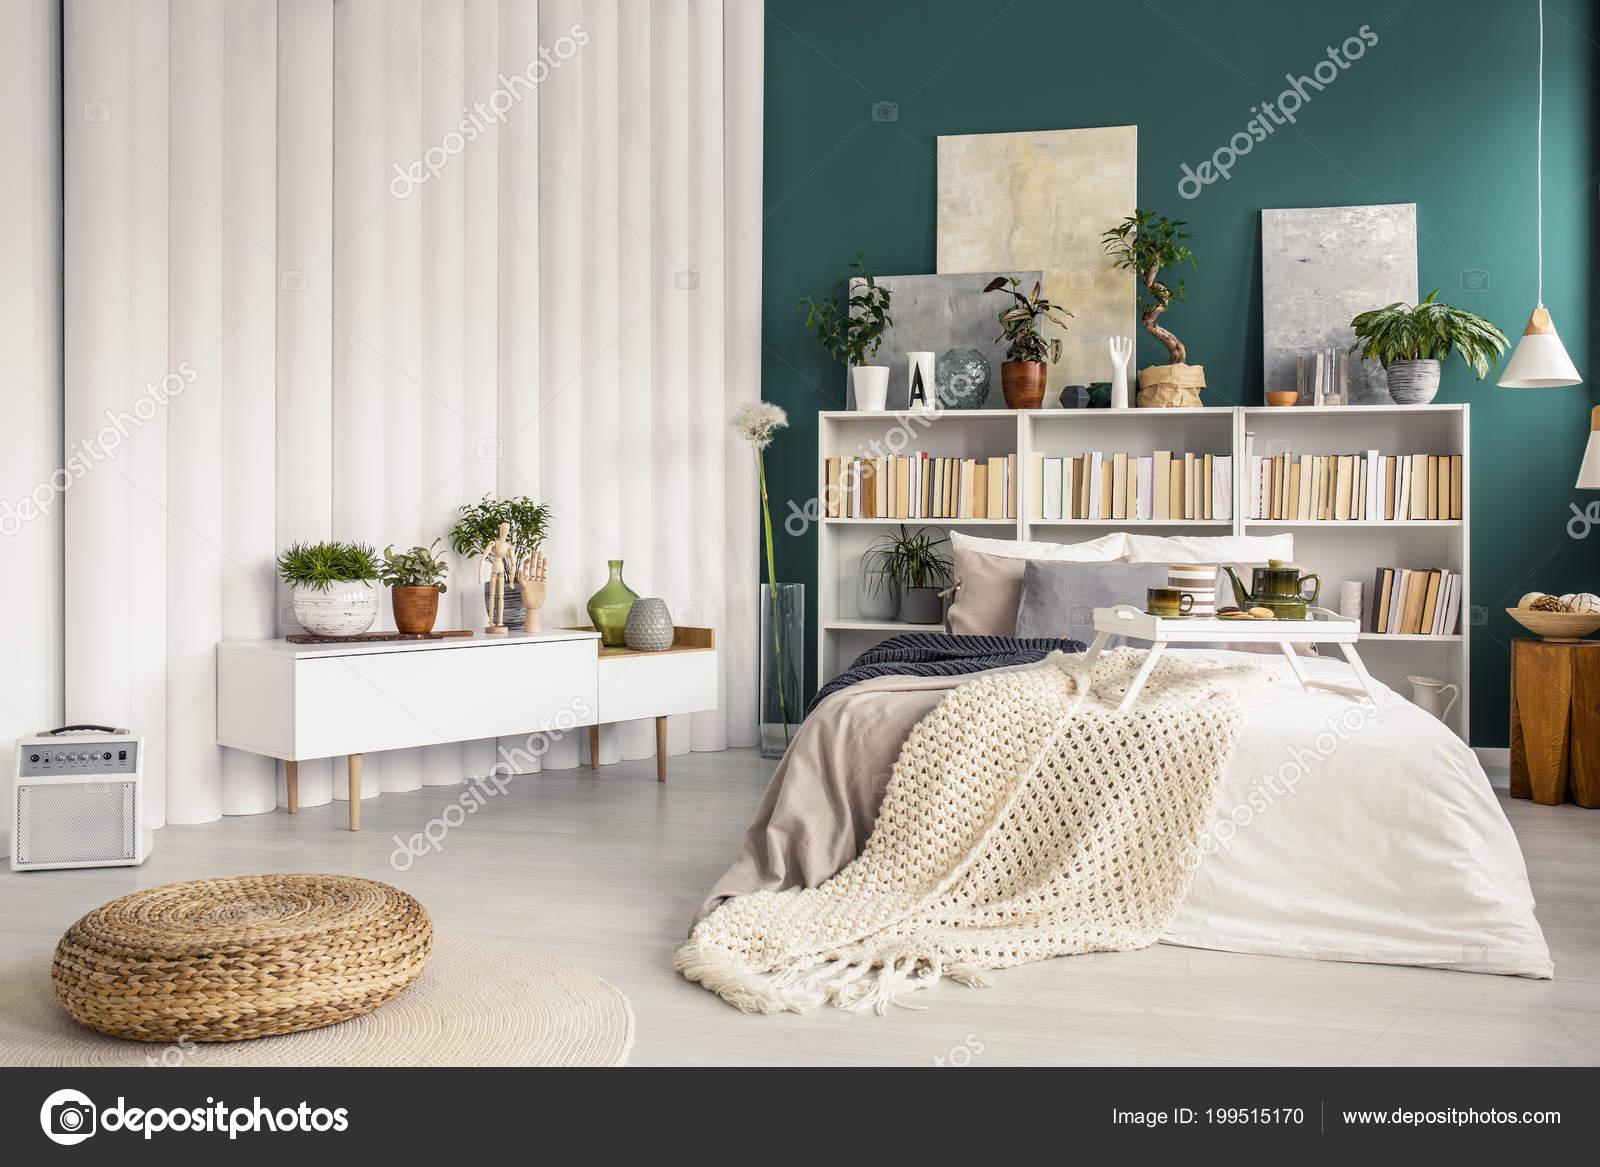 Einrichtung Schlafzimmer Interior Design Bedroom Türkis: Moderne Schlafzimmer Innenraum Mit Topfpflanzen Türkis